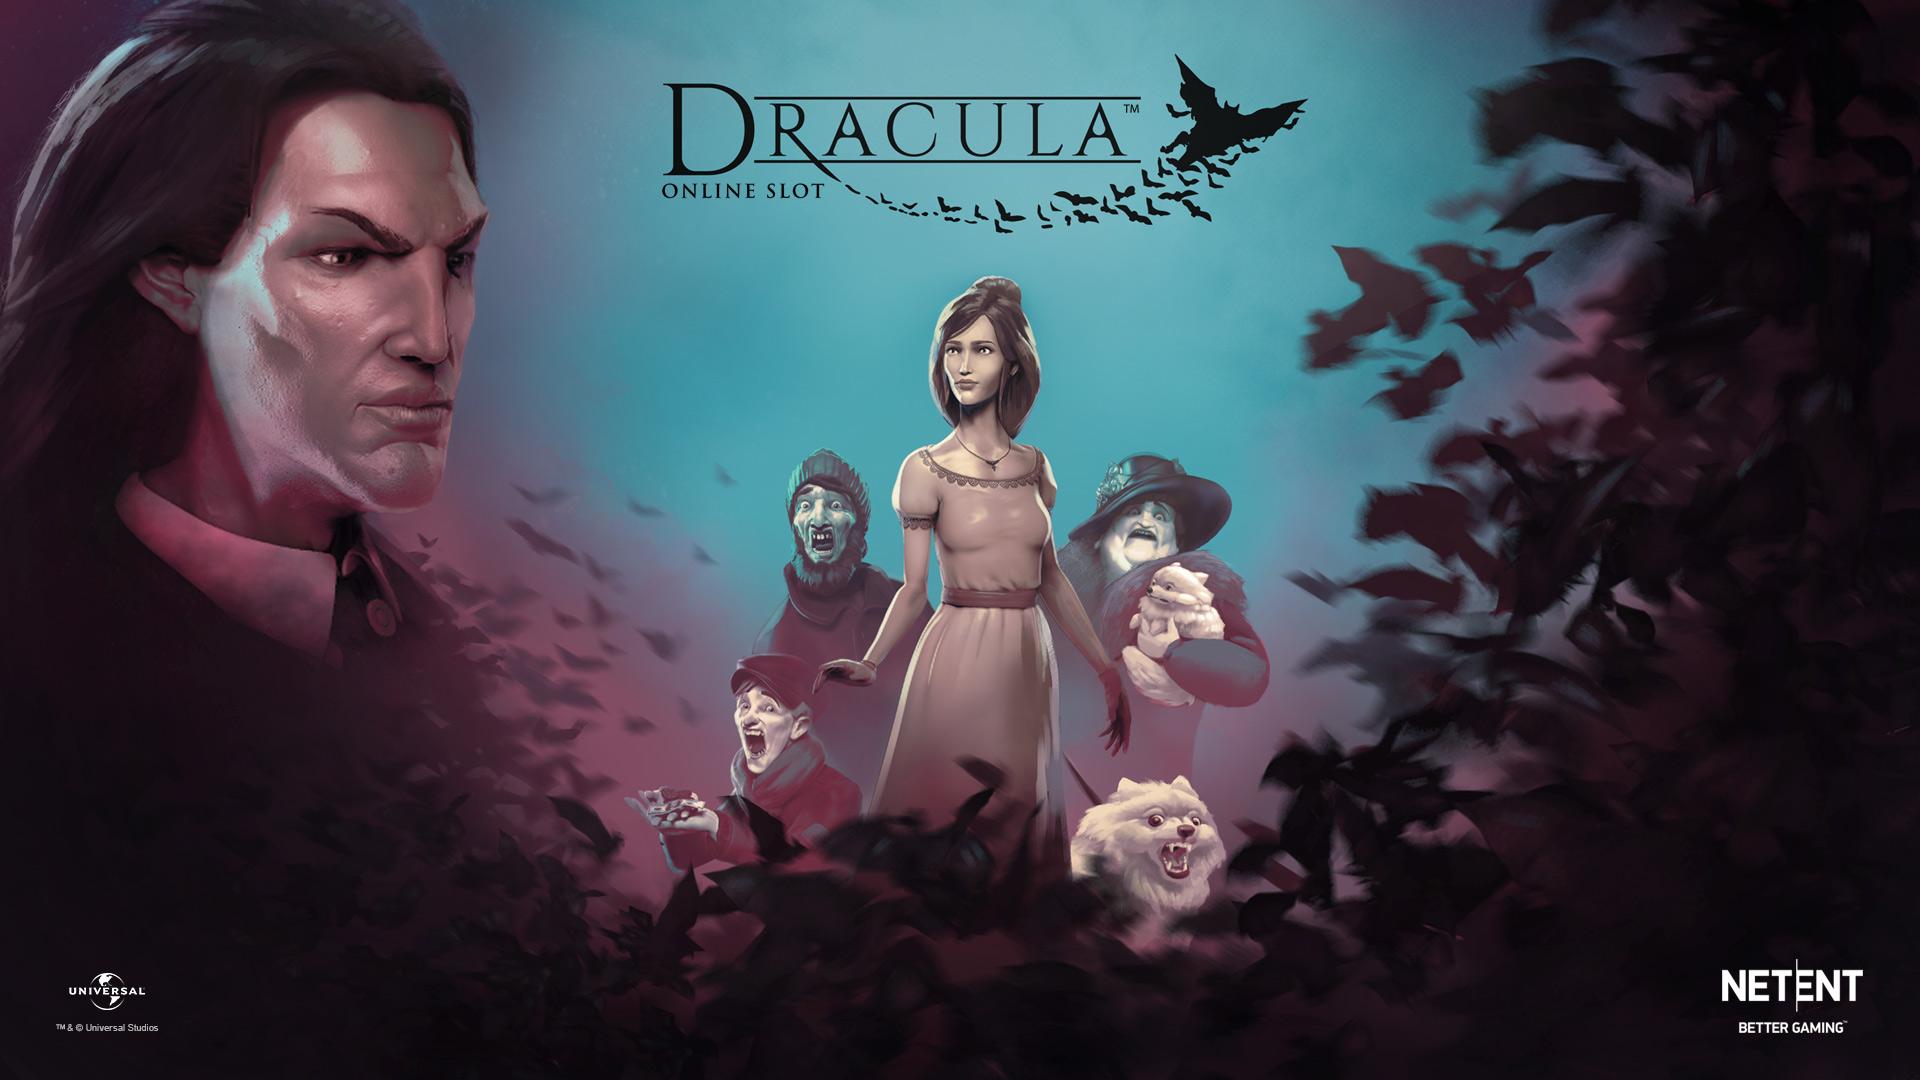 NetEnt Dracula Wallpaper 2